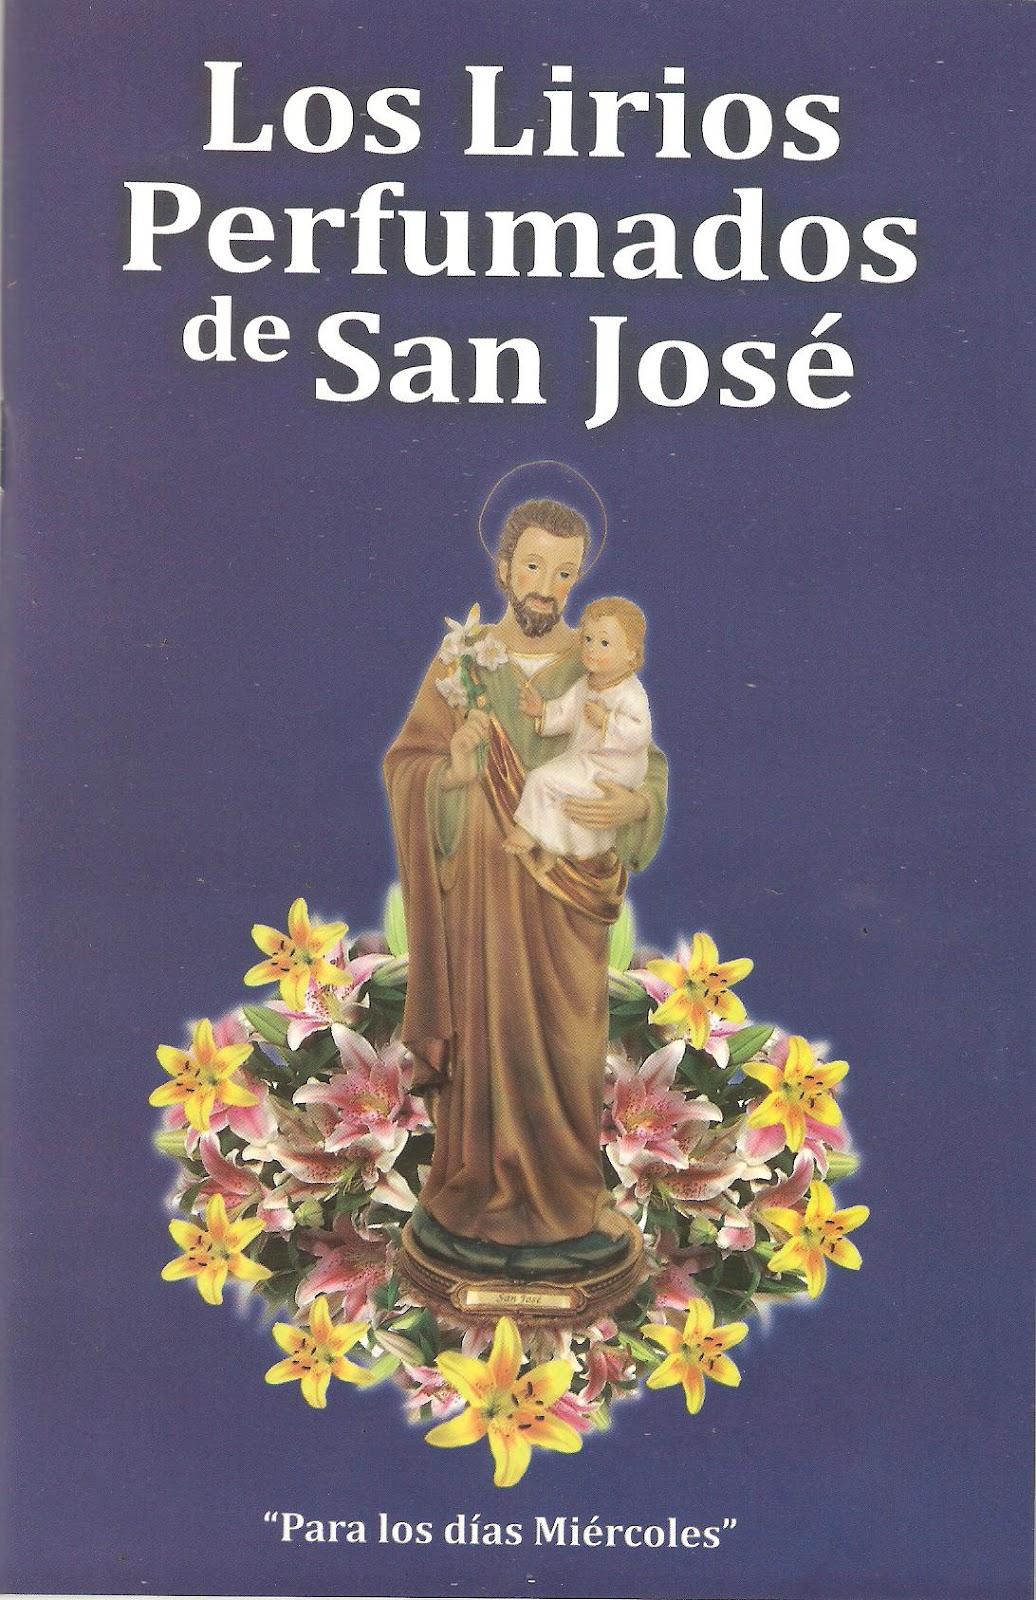 LIRIOS PERFUMADOS DE SAN JOSÉ